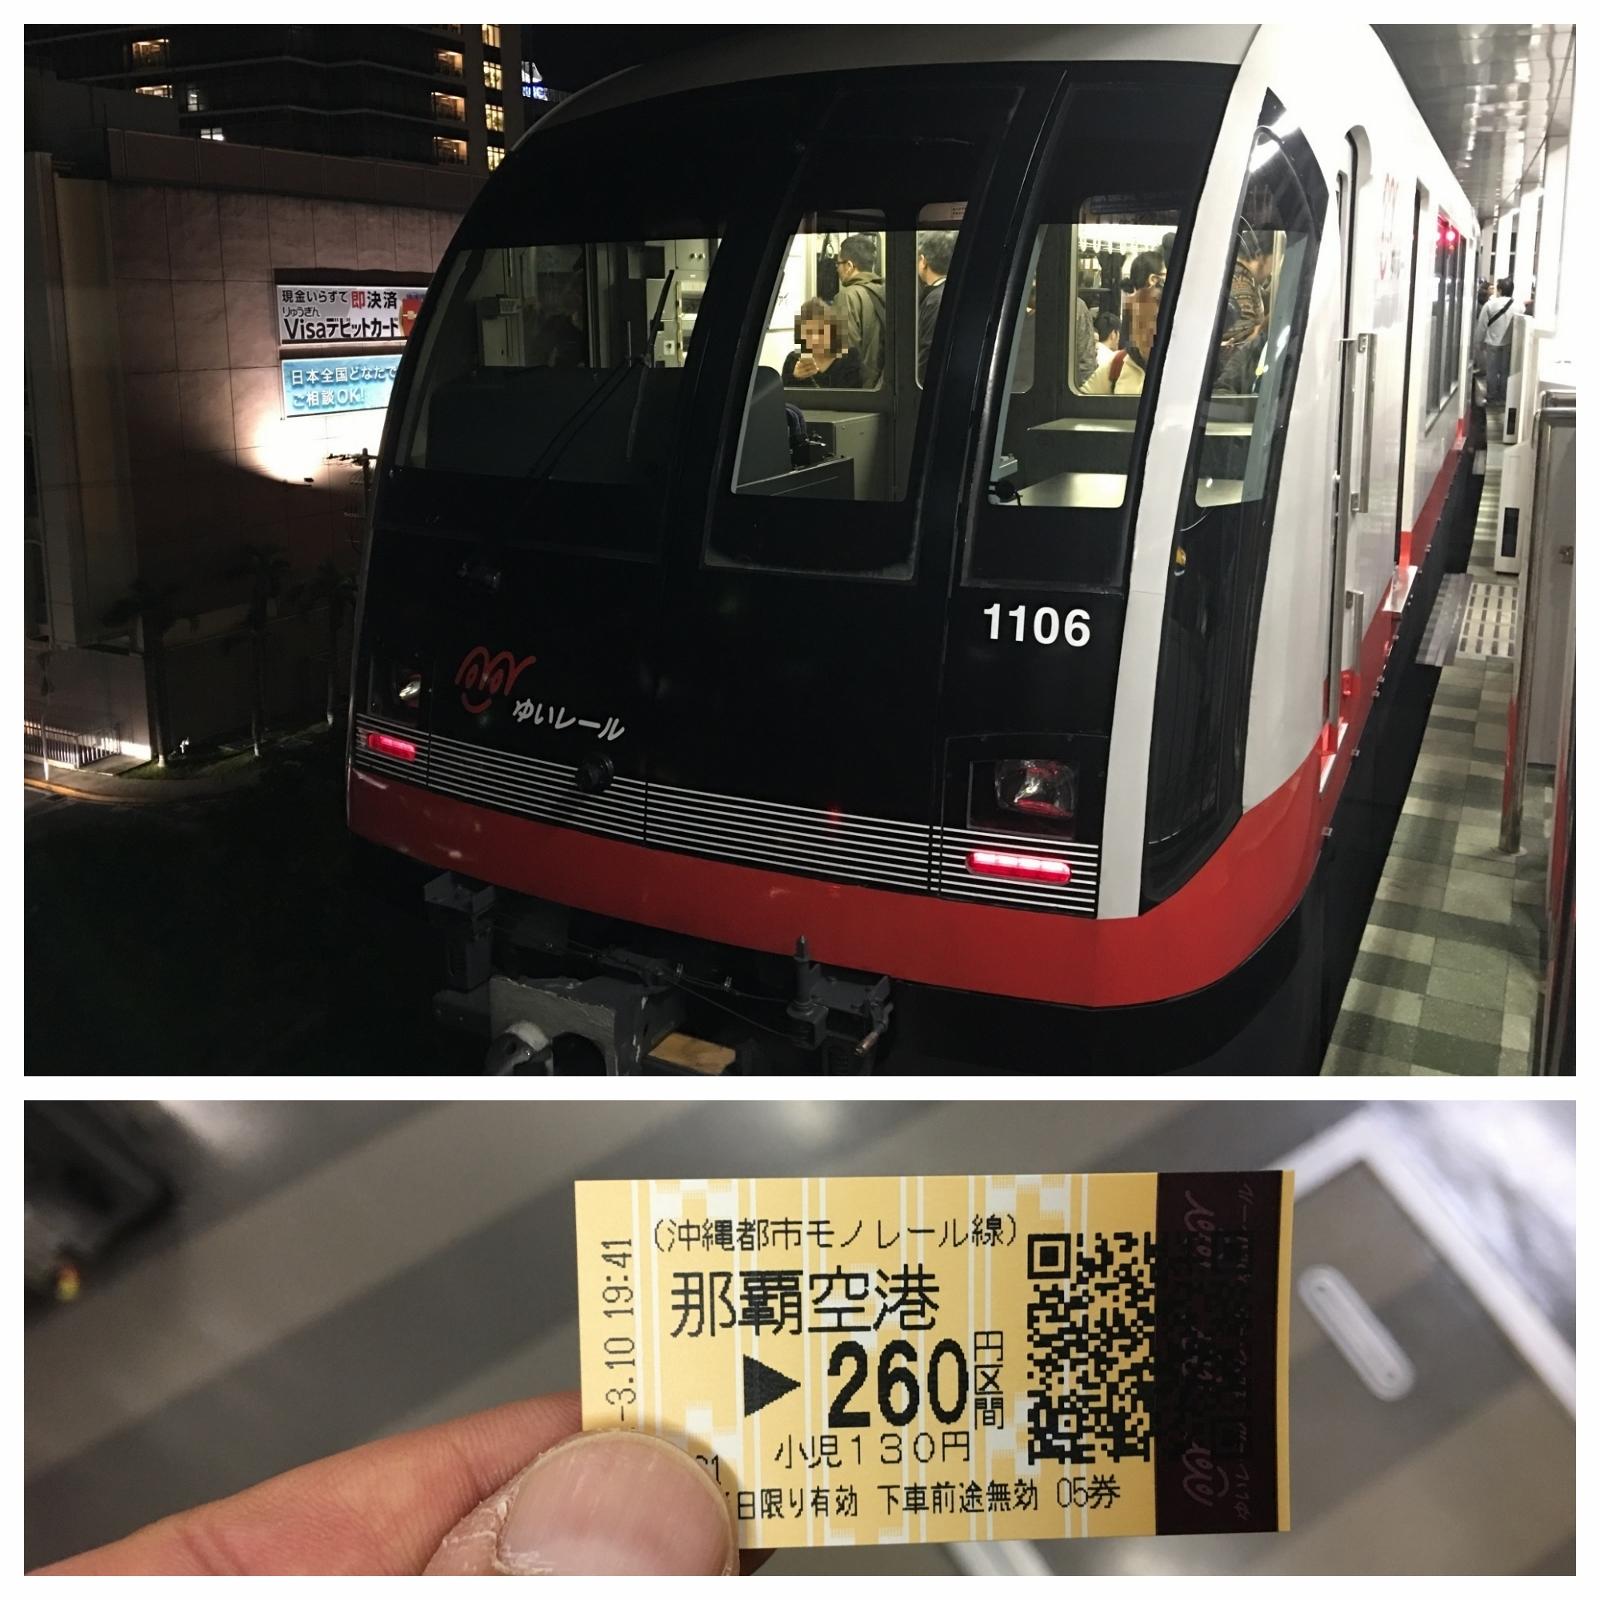 180310_yui_rail_1600x1600